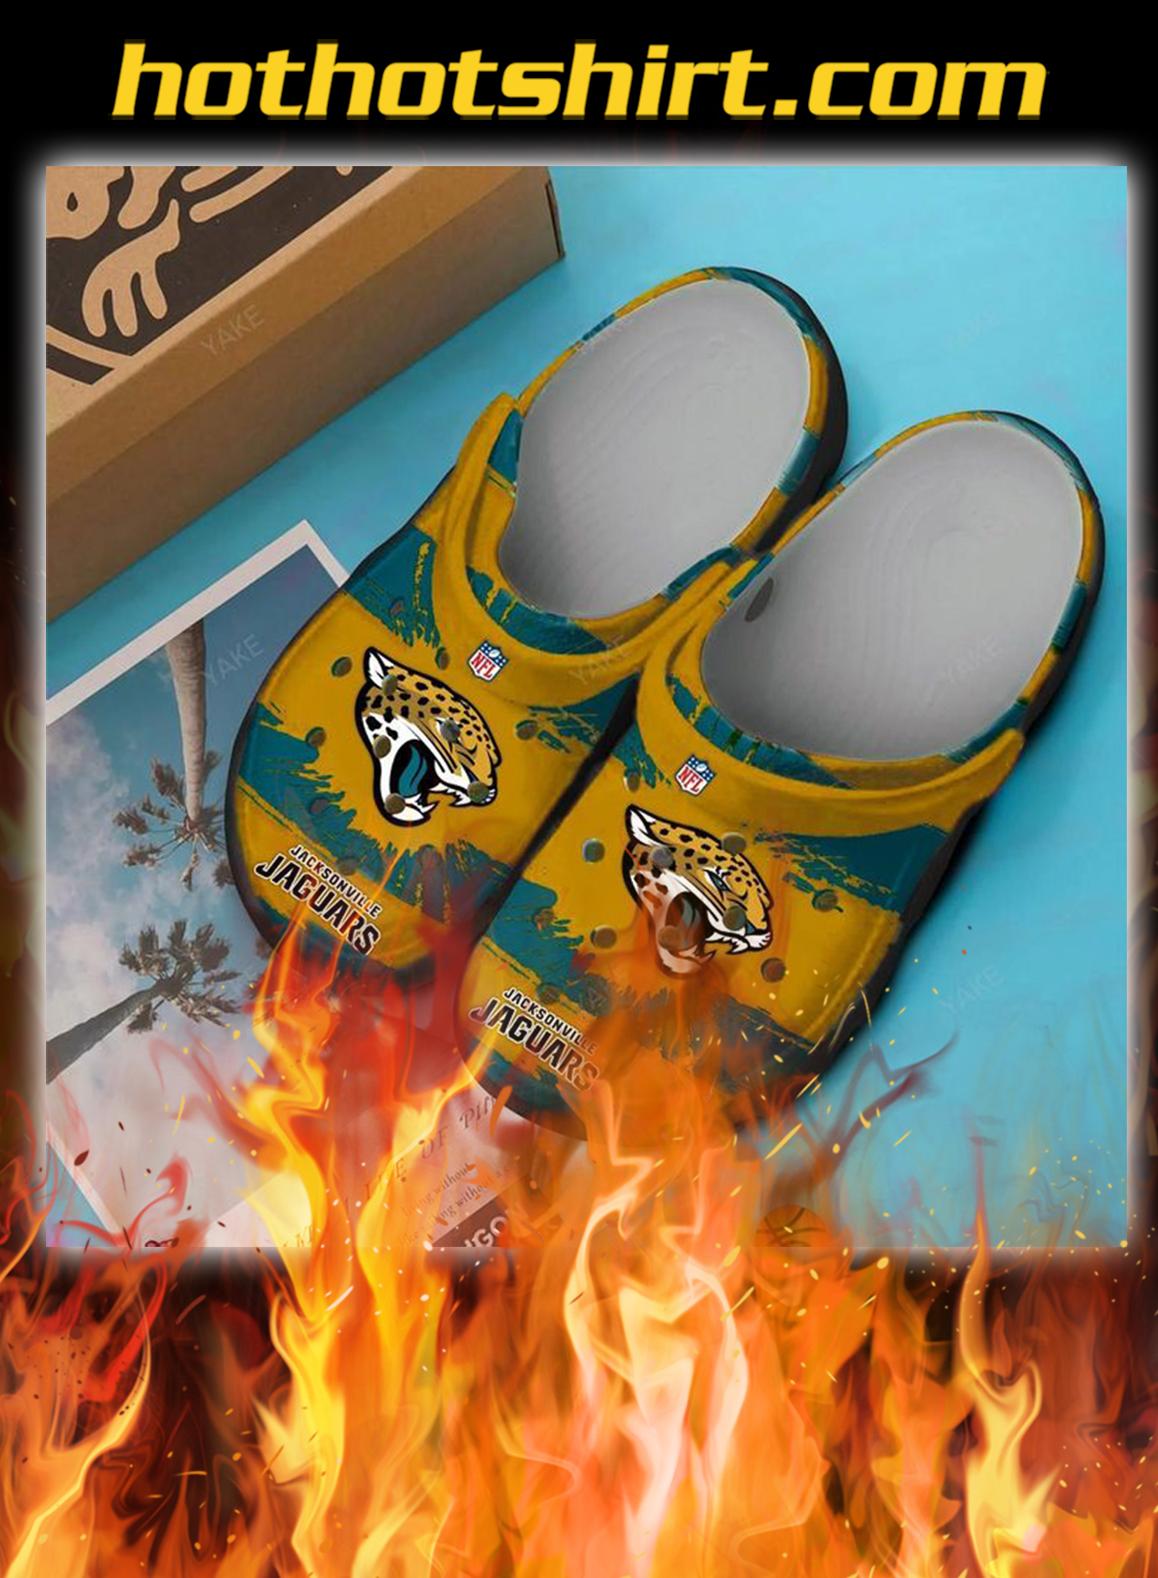 Jacksonville jaguars crocband crocs shoes- pic 1